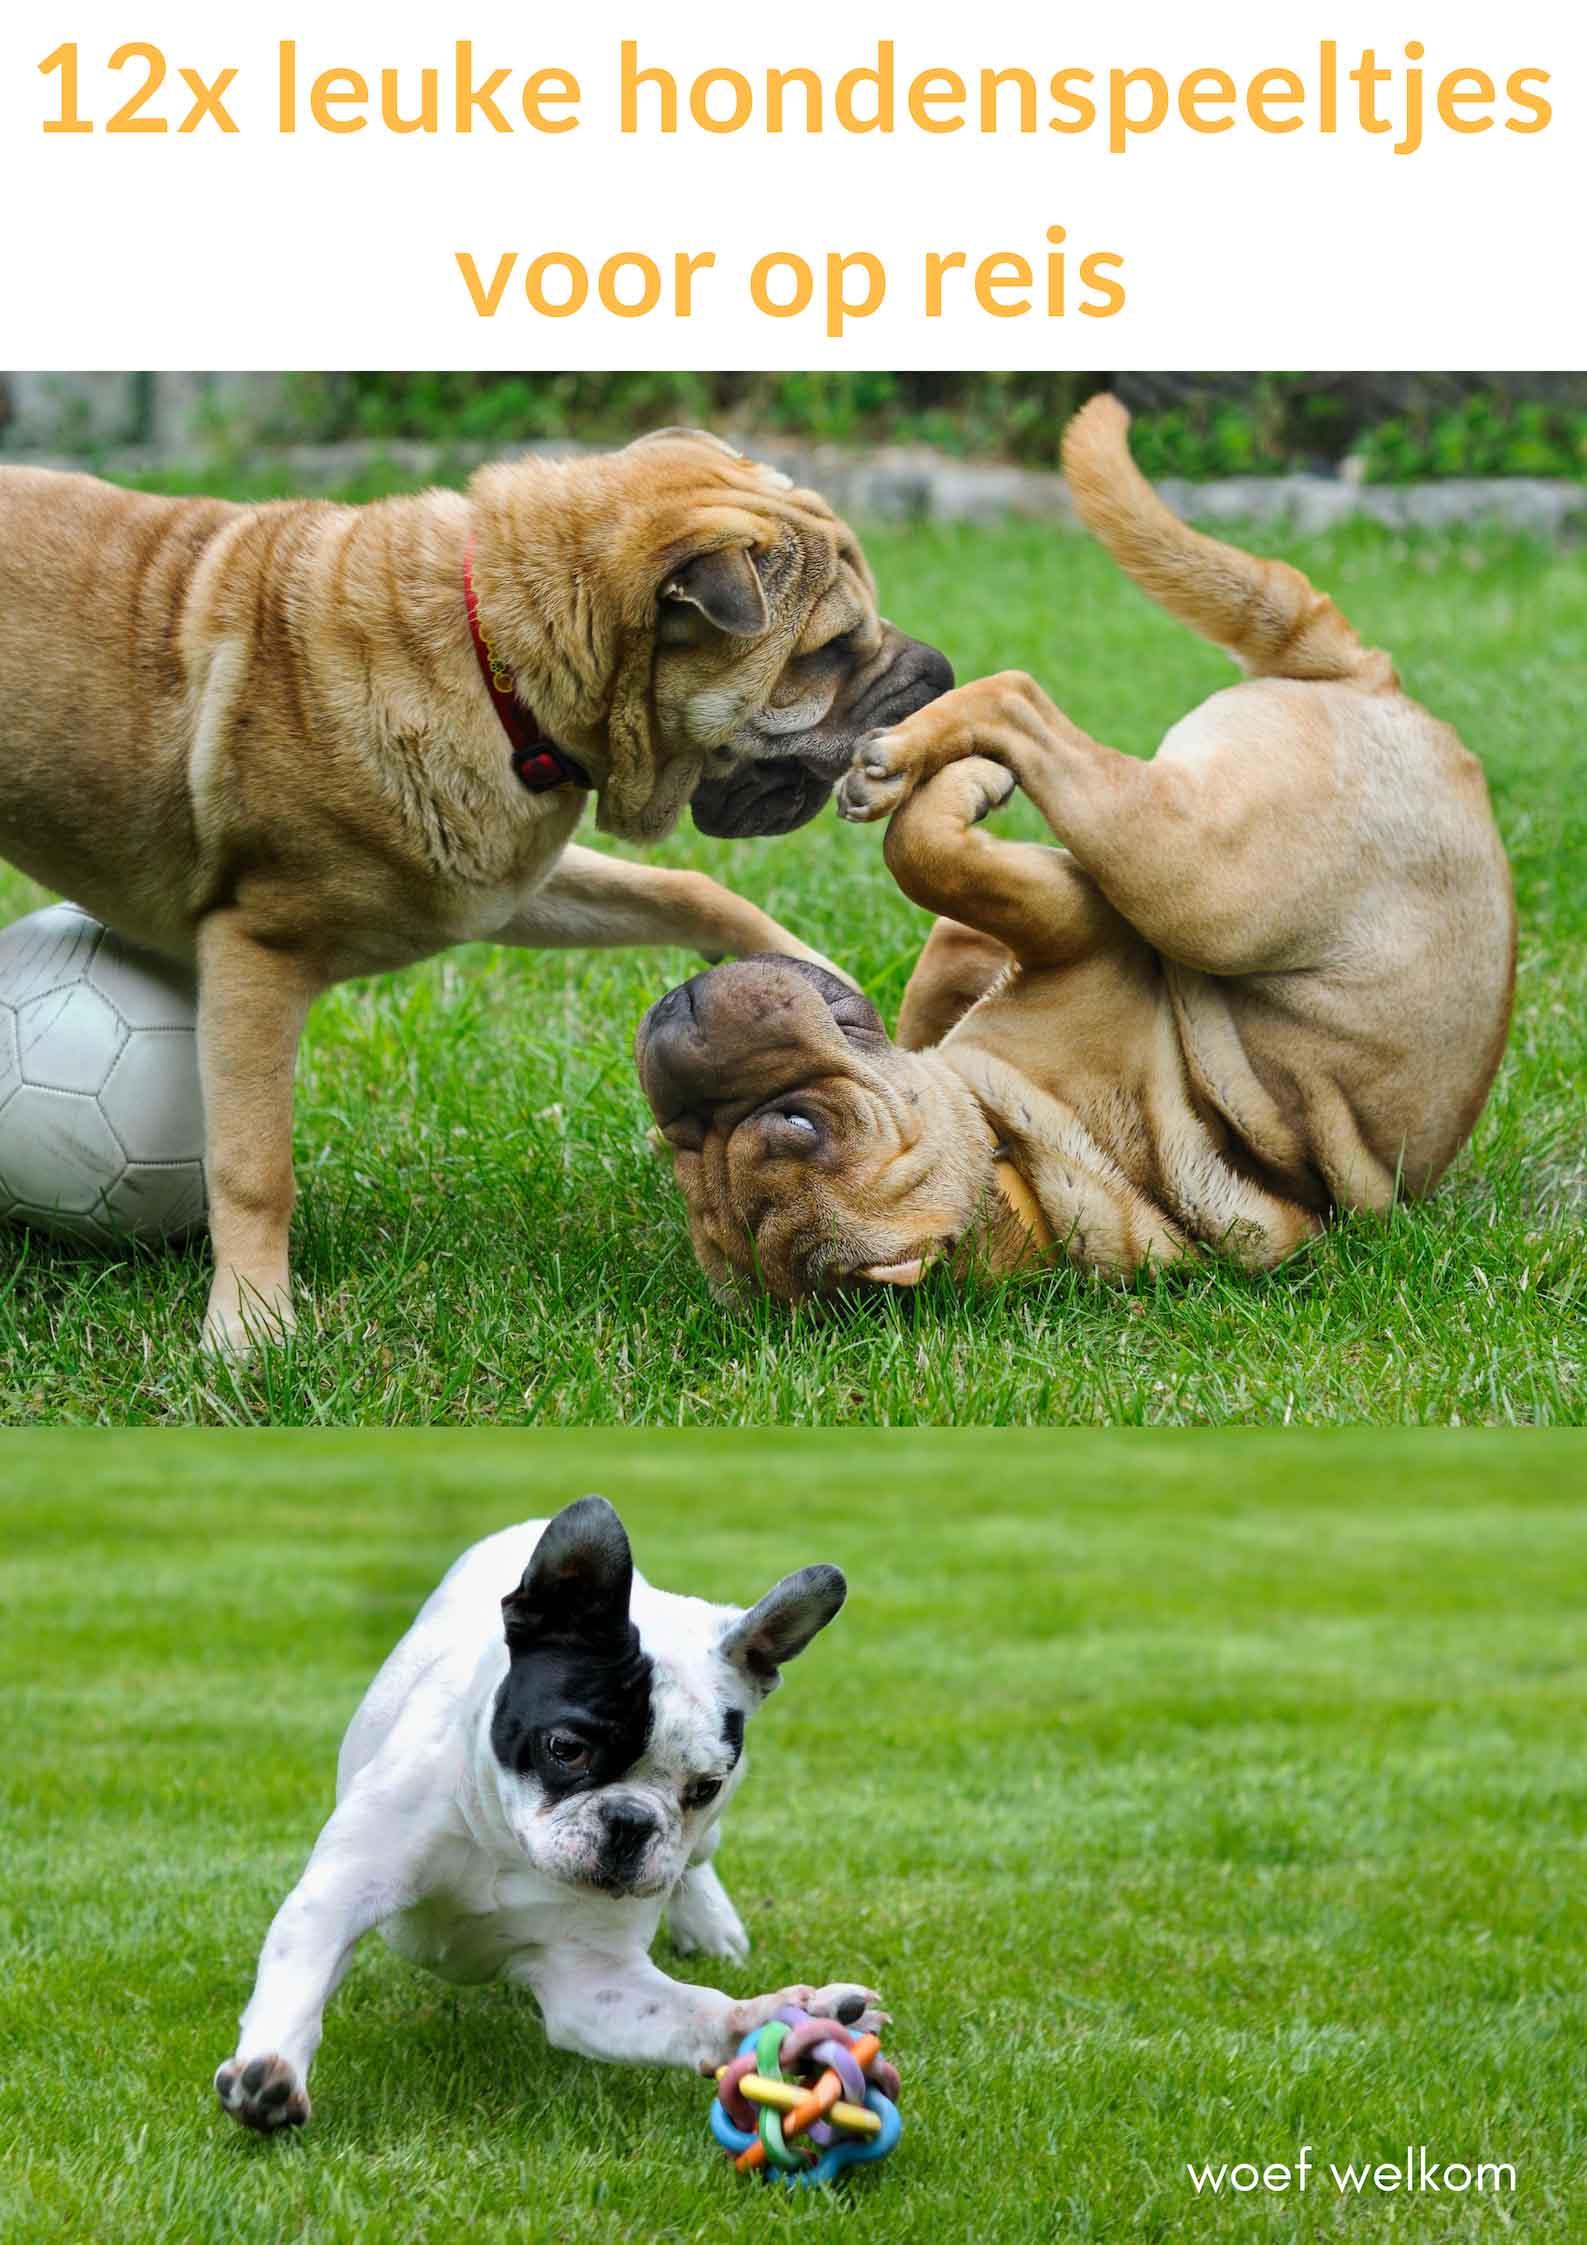 12x leuke hondenspeeltjes voor op reis - Woef Welkom